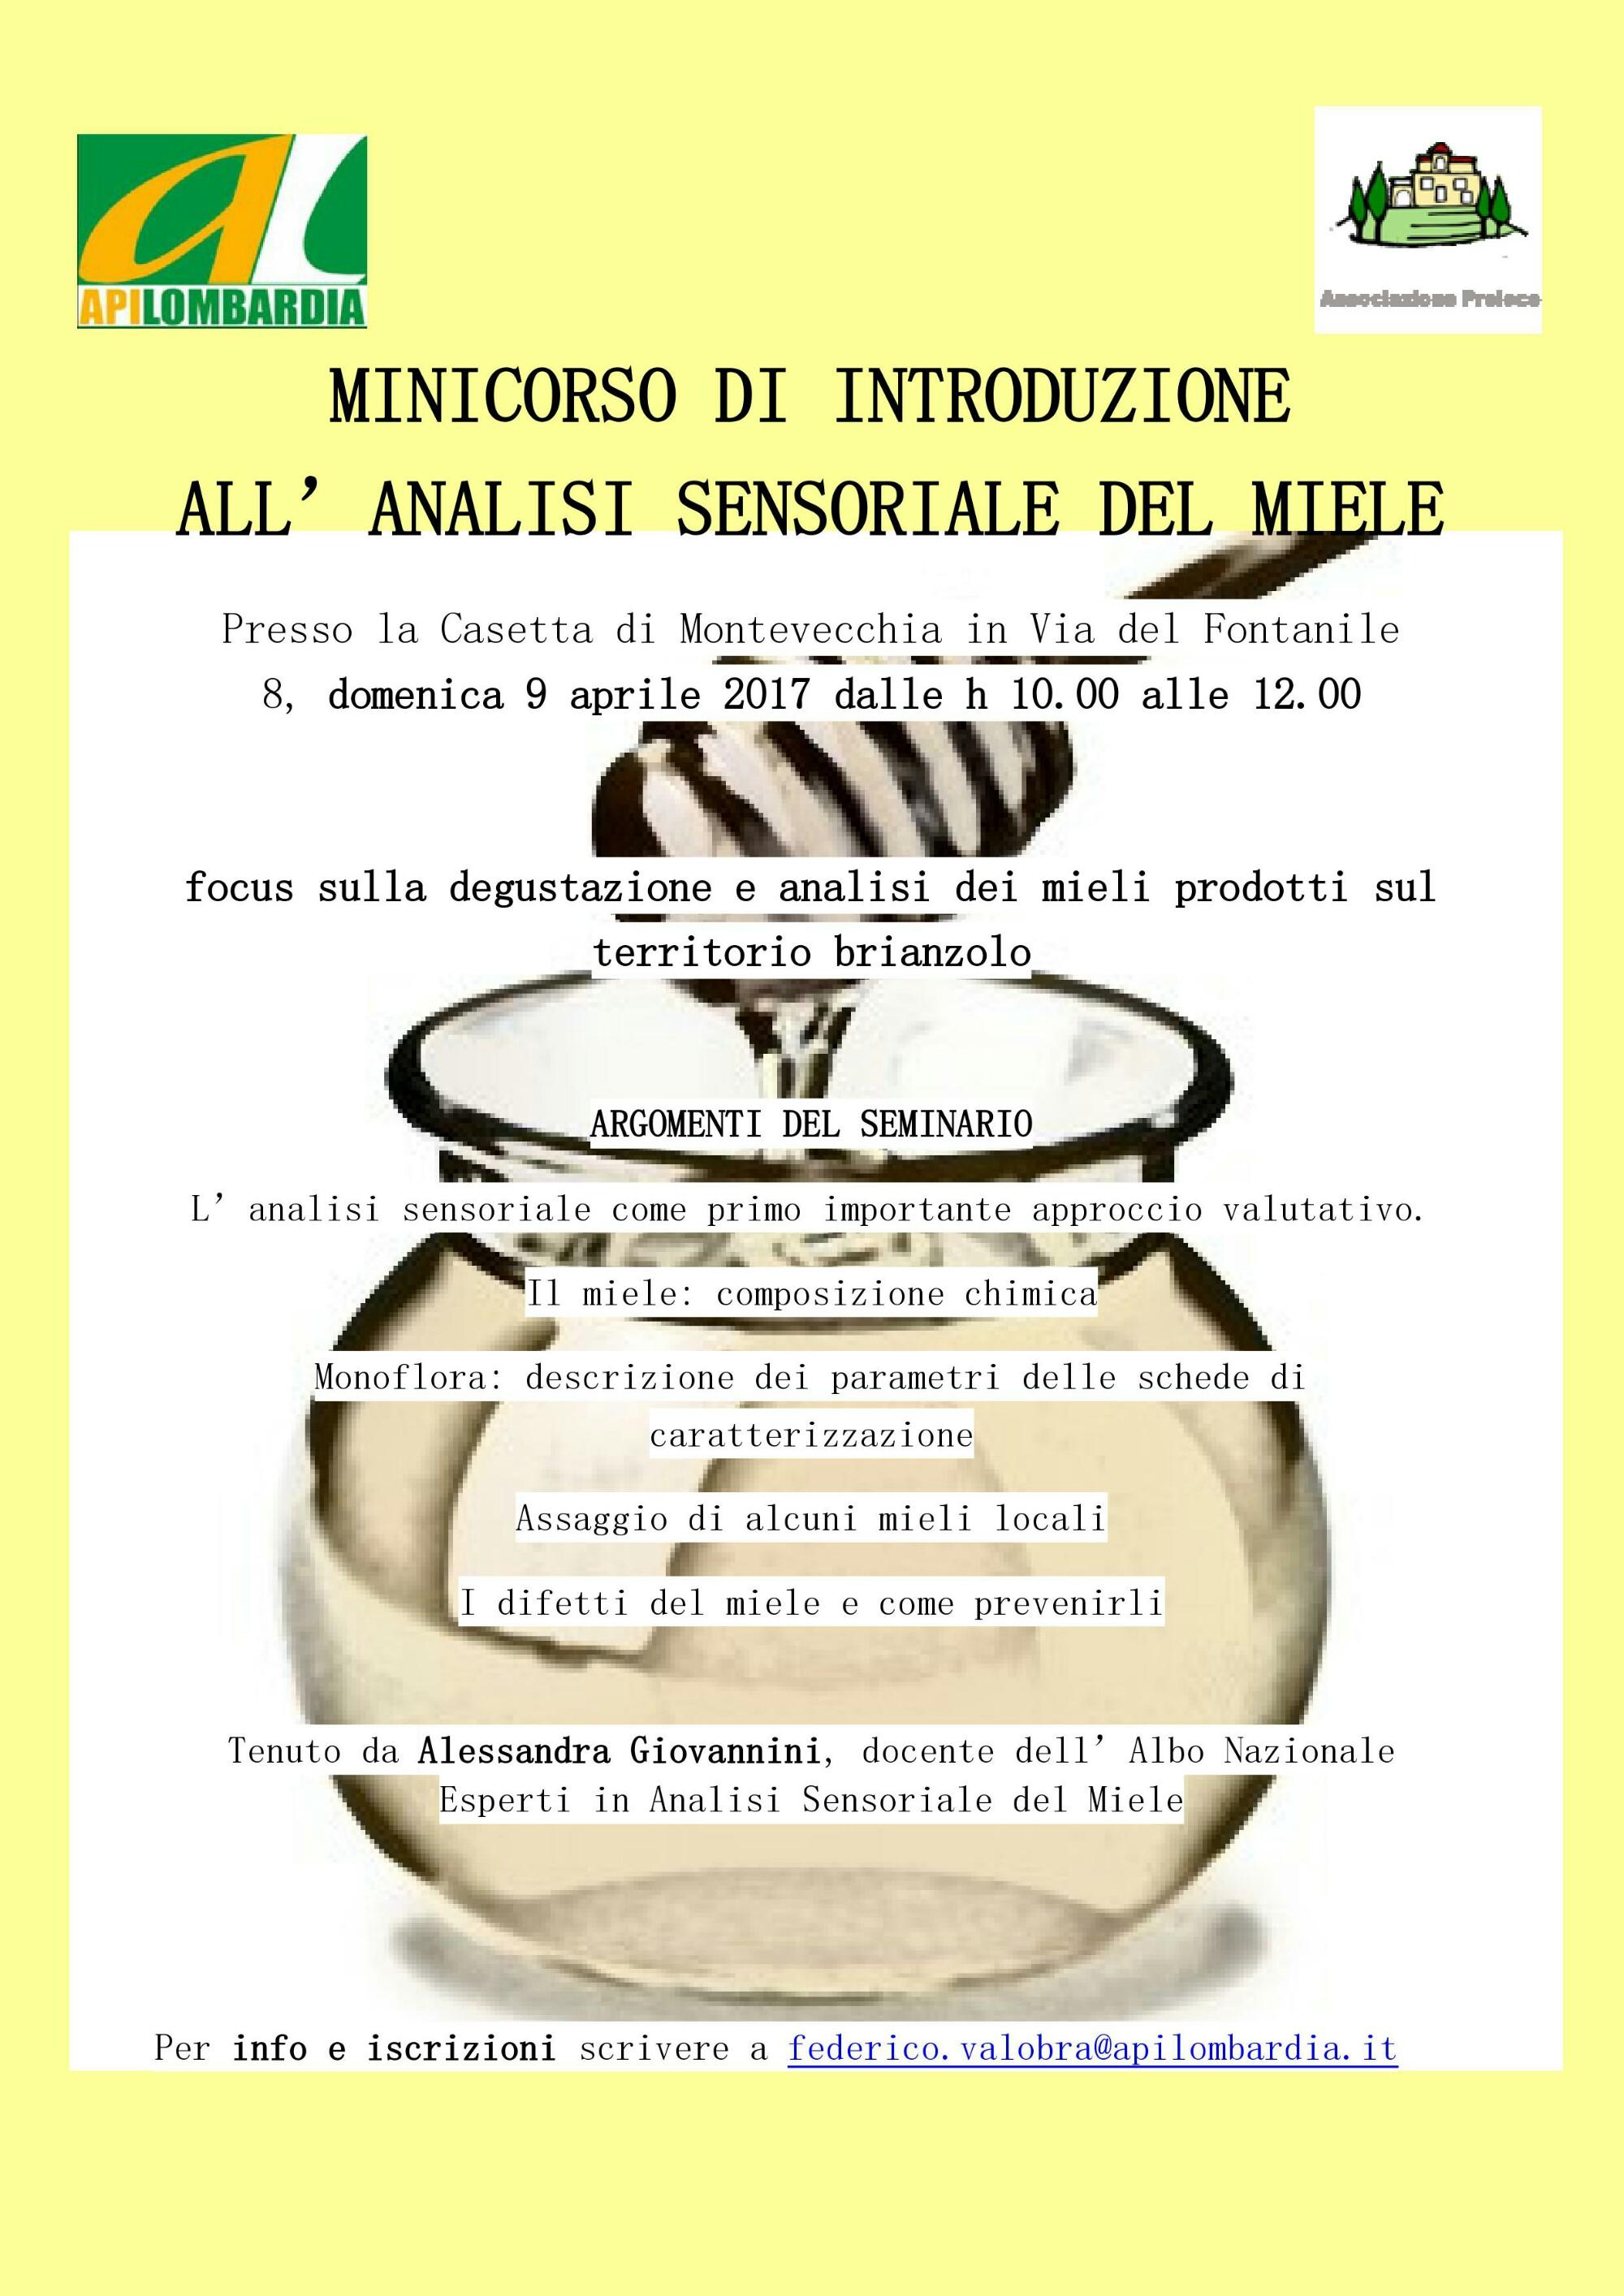 Minicorso introduzioneall'analisi sensoriale del miele